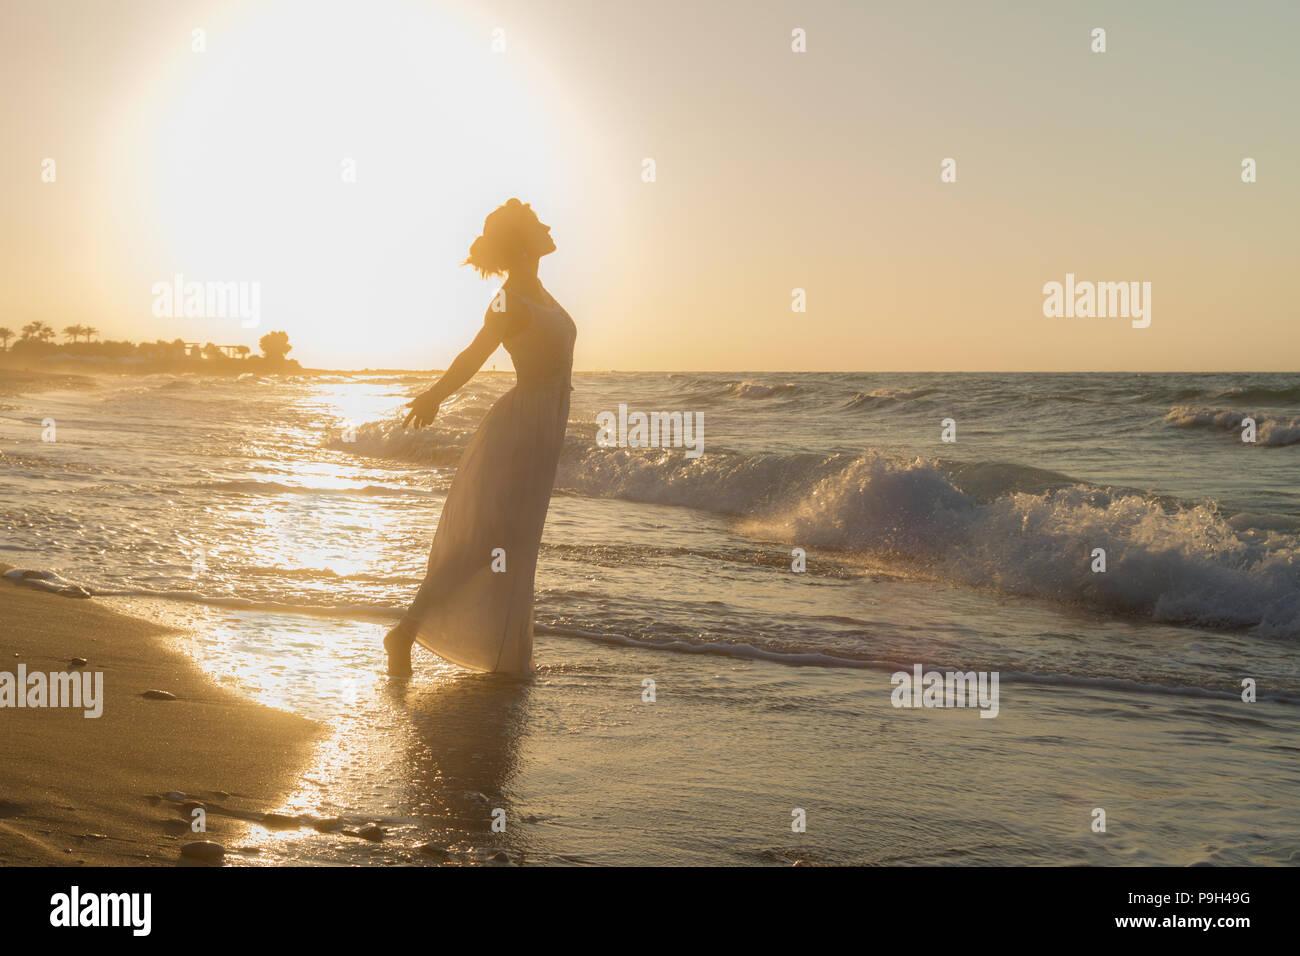 Frau mit Arme angehoben, barfuss, Gefühl glücklich, lebendig und frei in der Natur meditieren am sandigen Misty Beach atmen saubere frische Meeresluft in der Abenddämmerung. Sommer Urlaub lifestyle Konzept Stockbild